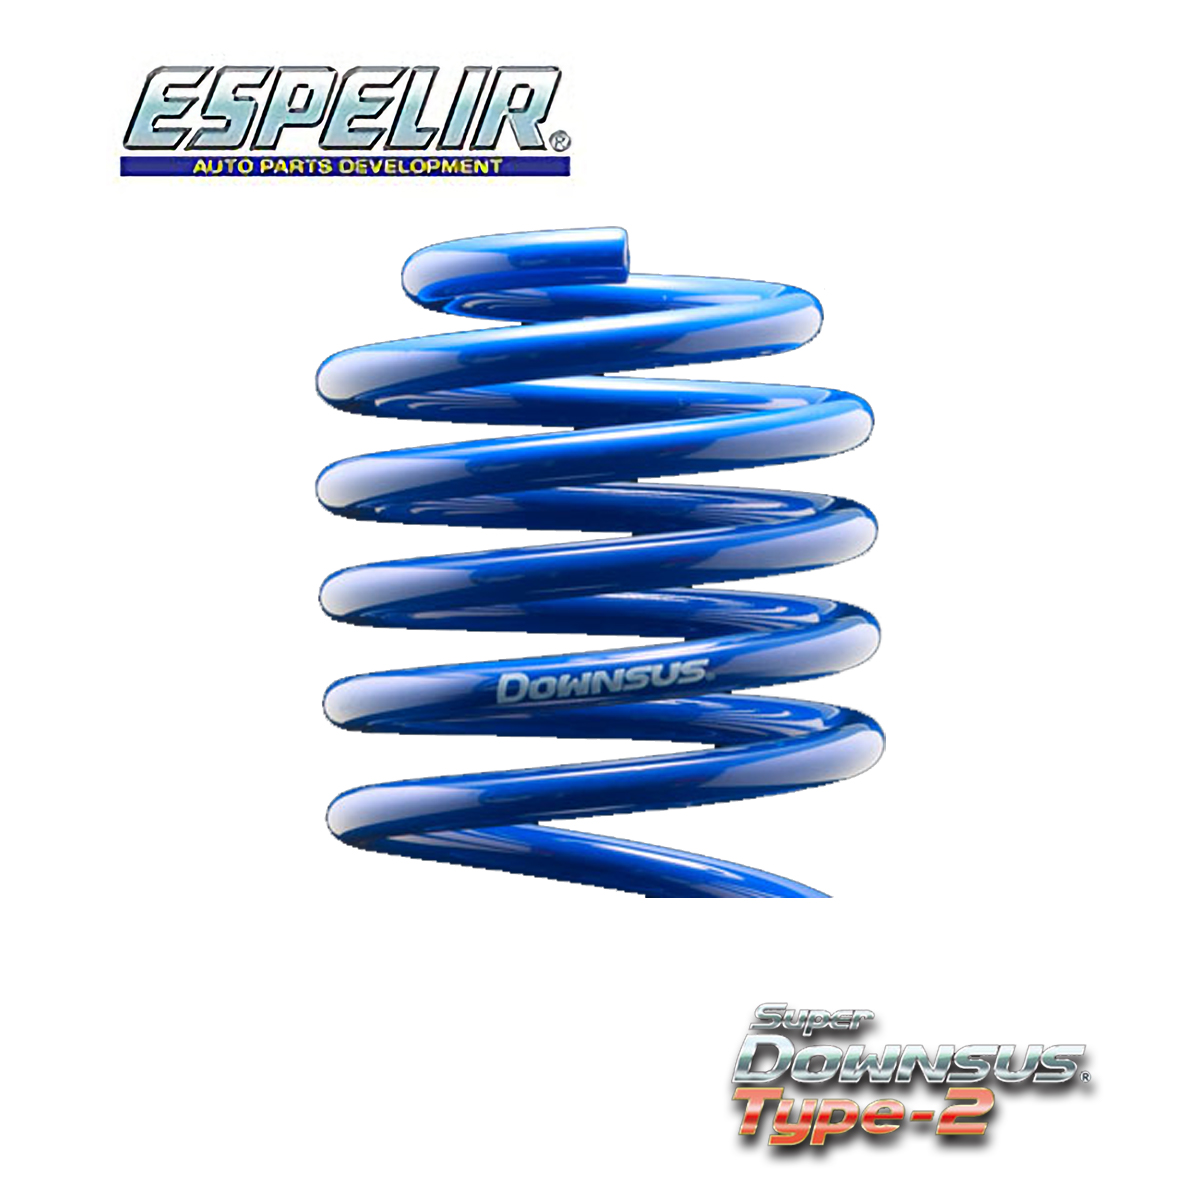 エスペリア プリウス ZVW30 G/Sツーリングセレクション スプリング ダウンサス フロント EST-3291F スーパーダウンサス タイプ2 Super DOWNSUS Type2 ESPELIR